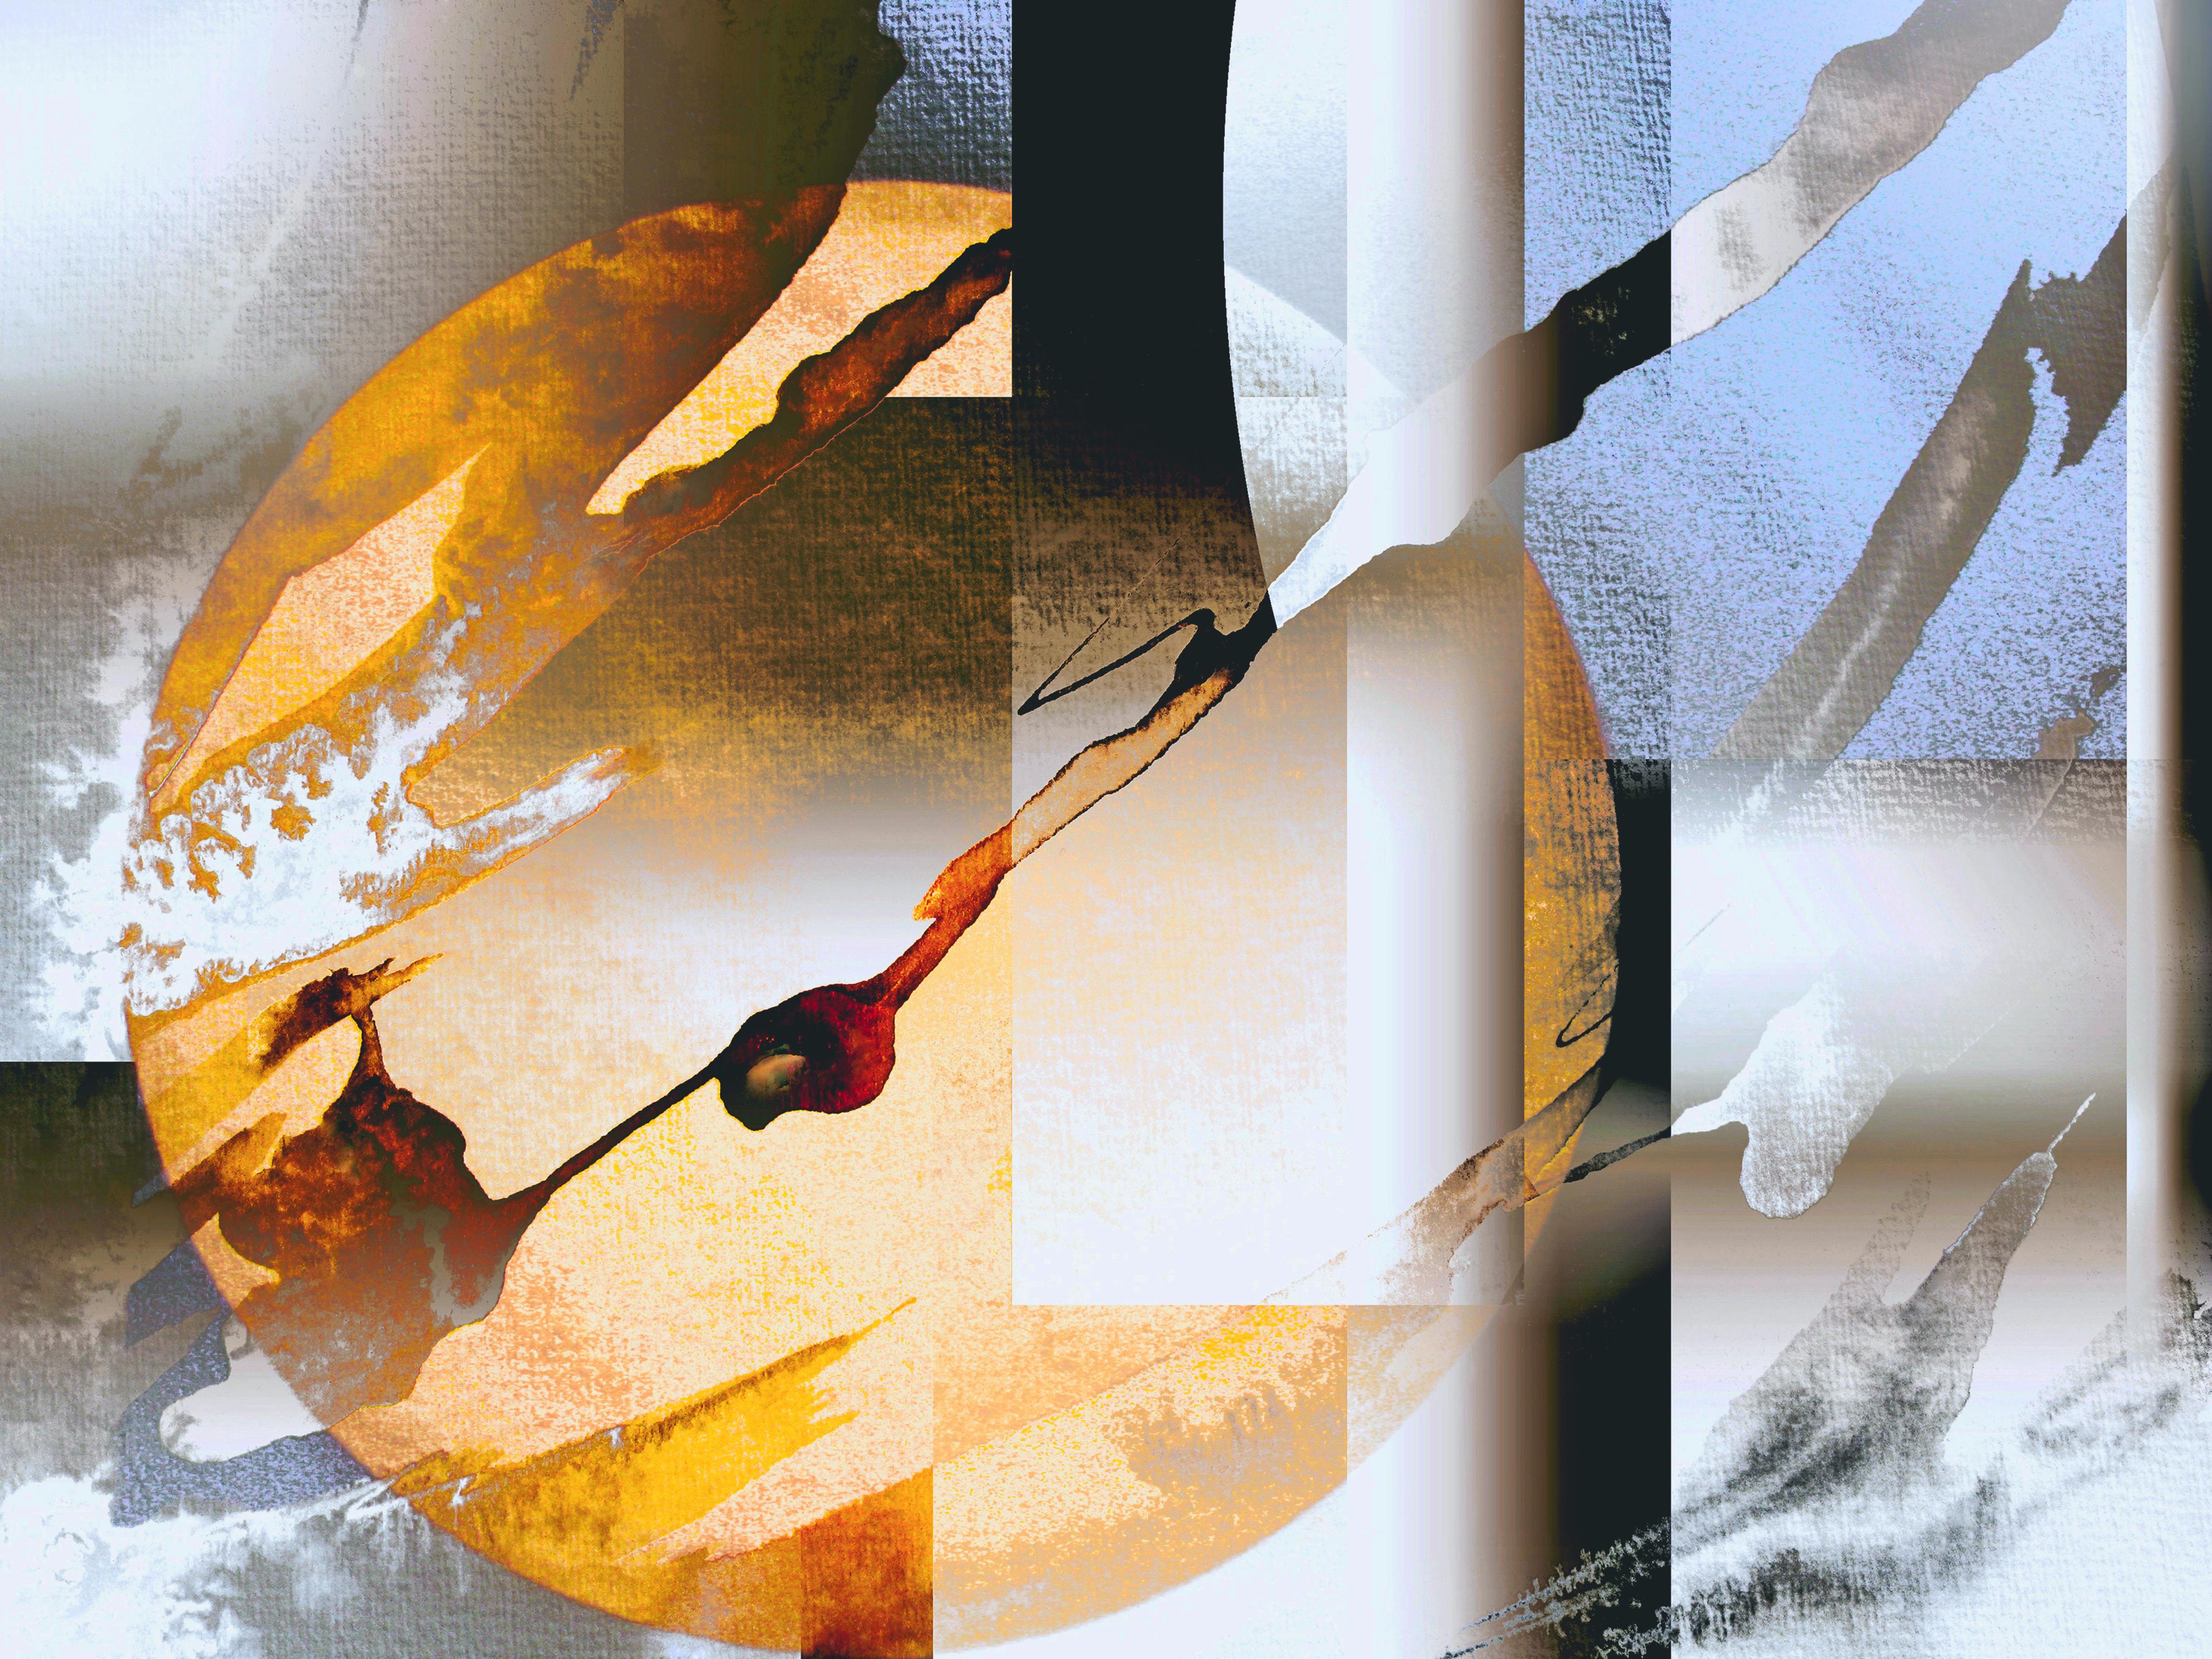 © Saturne  45 x 34 cm